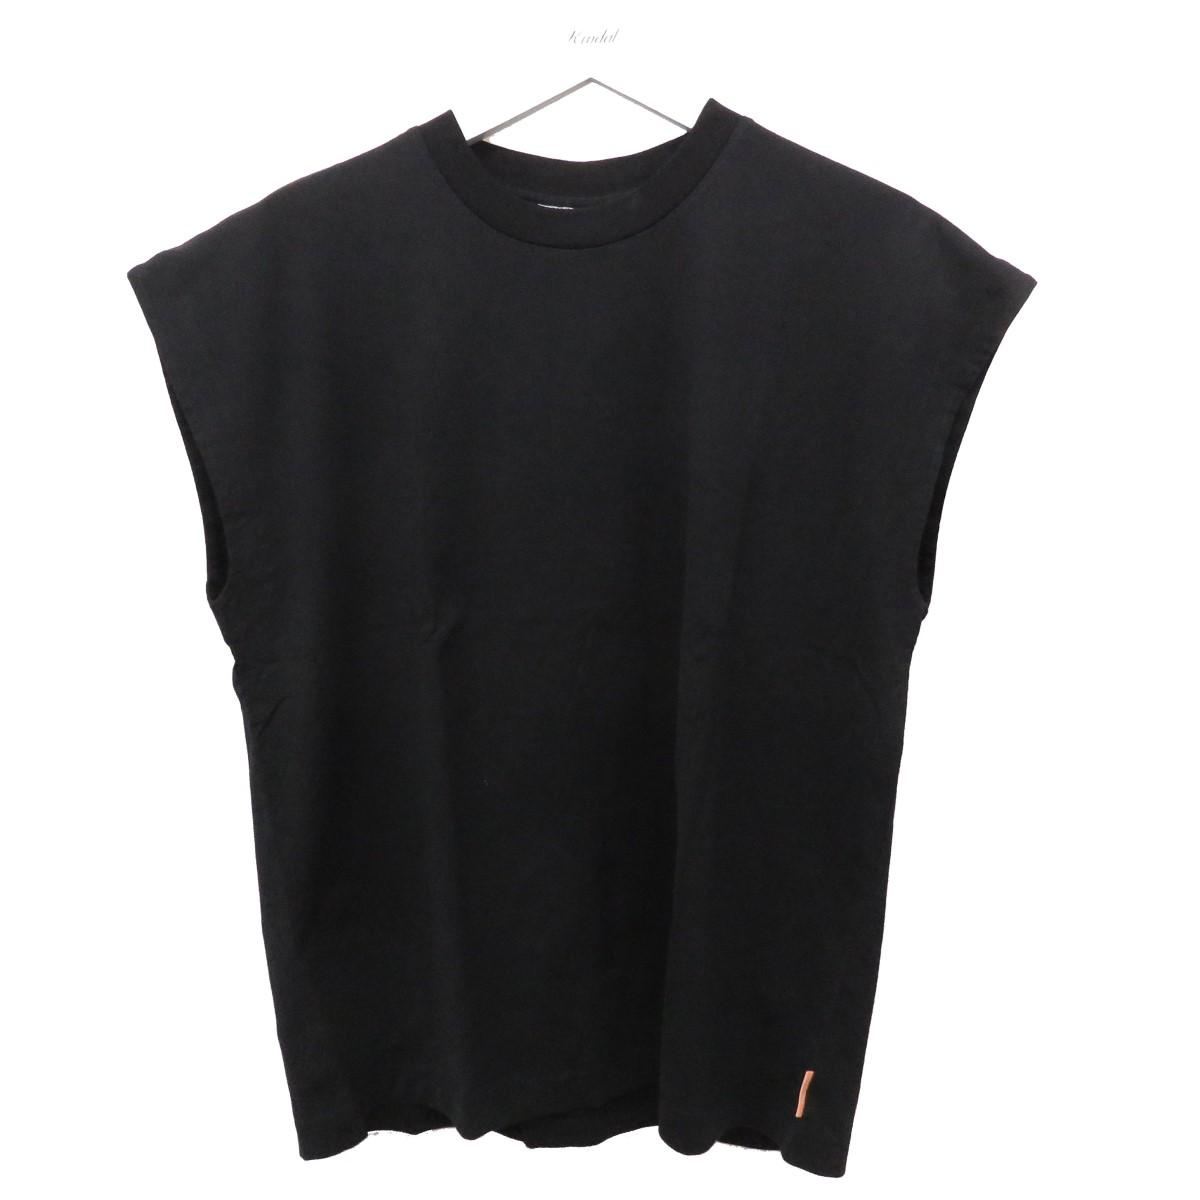 【中古】ACNE STUDIOS ERICK PINK LABEL T SHIRTS ノースリーブTシャツ ブラック サイズ:XXS 【190920】(アクネストゥディオズ)